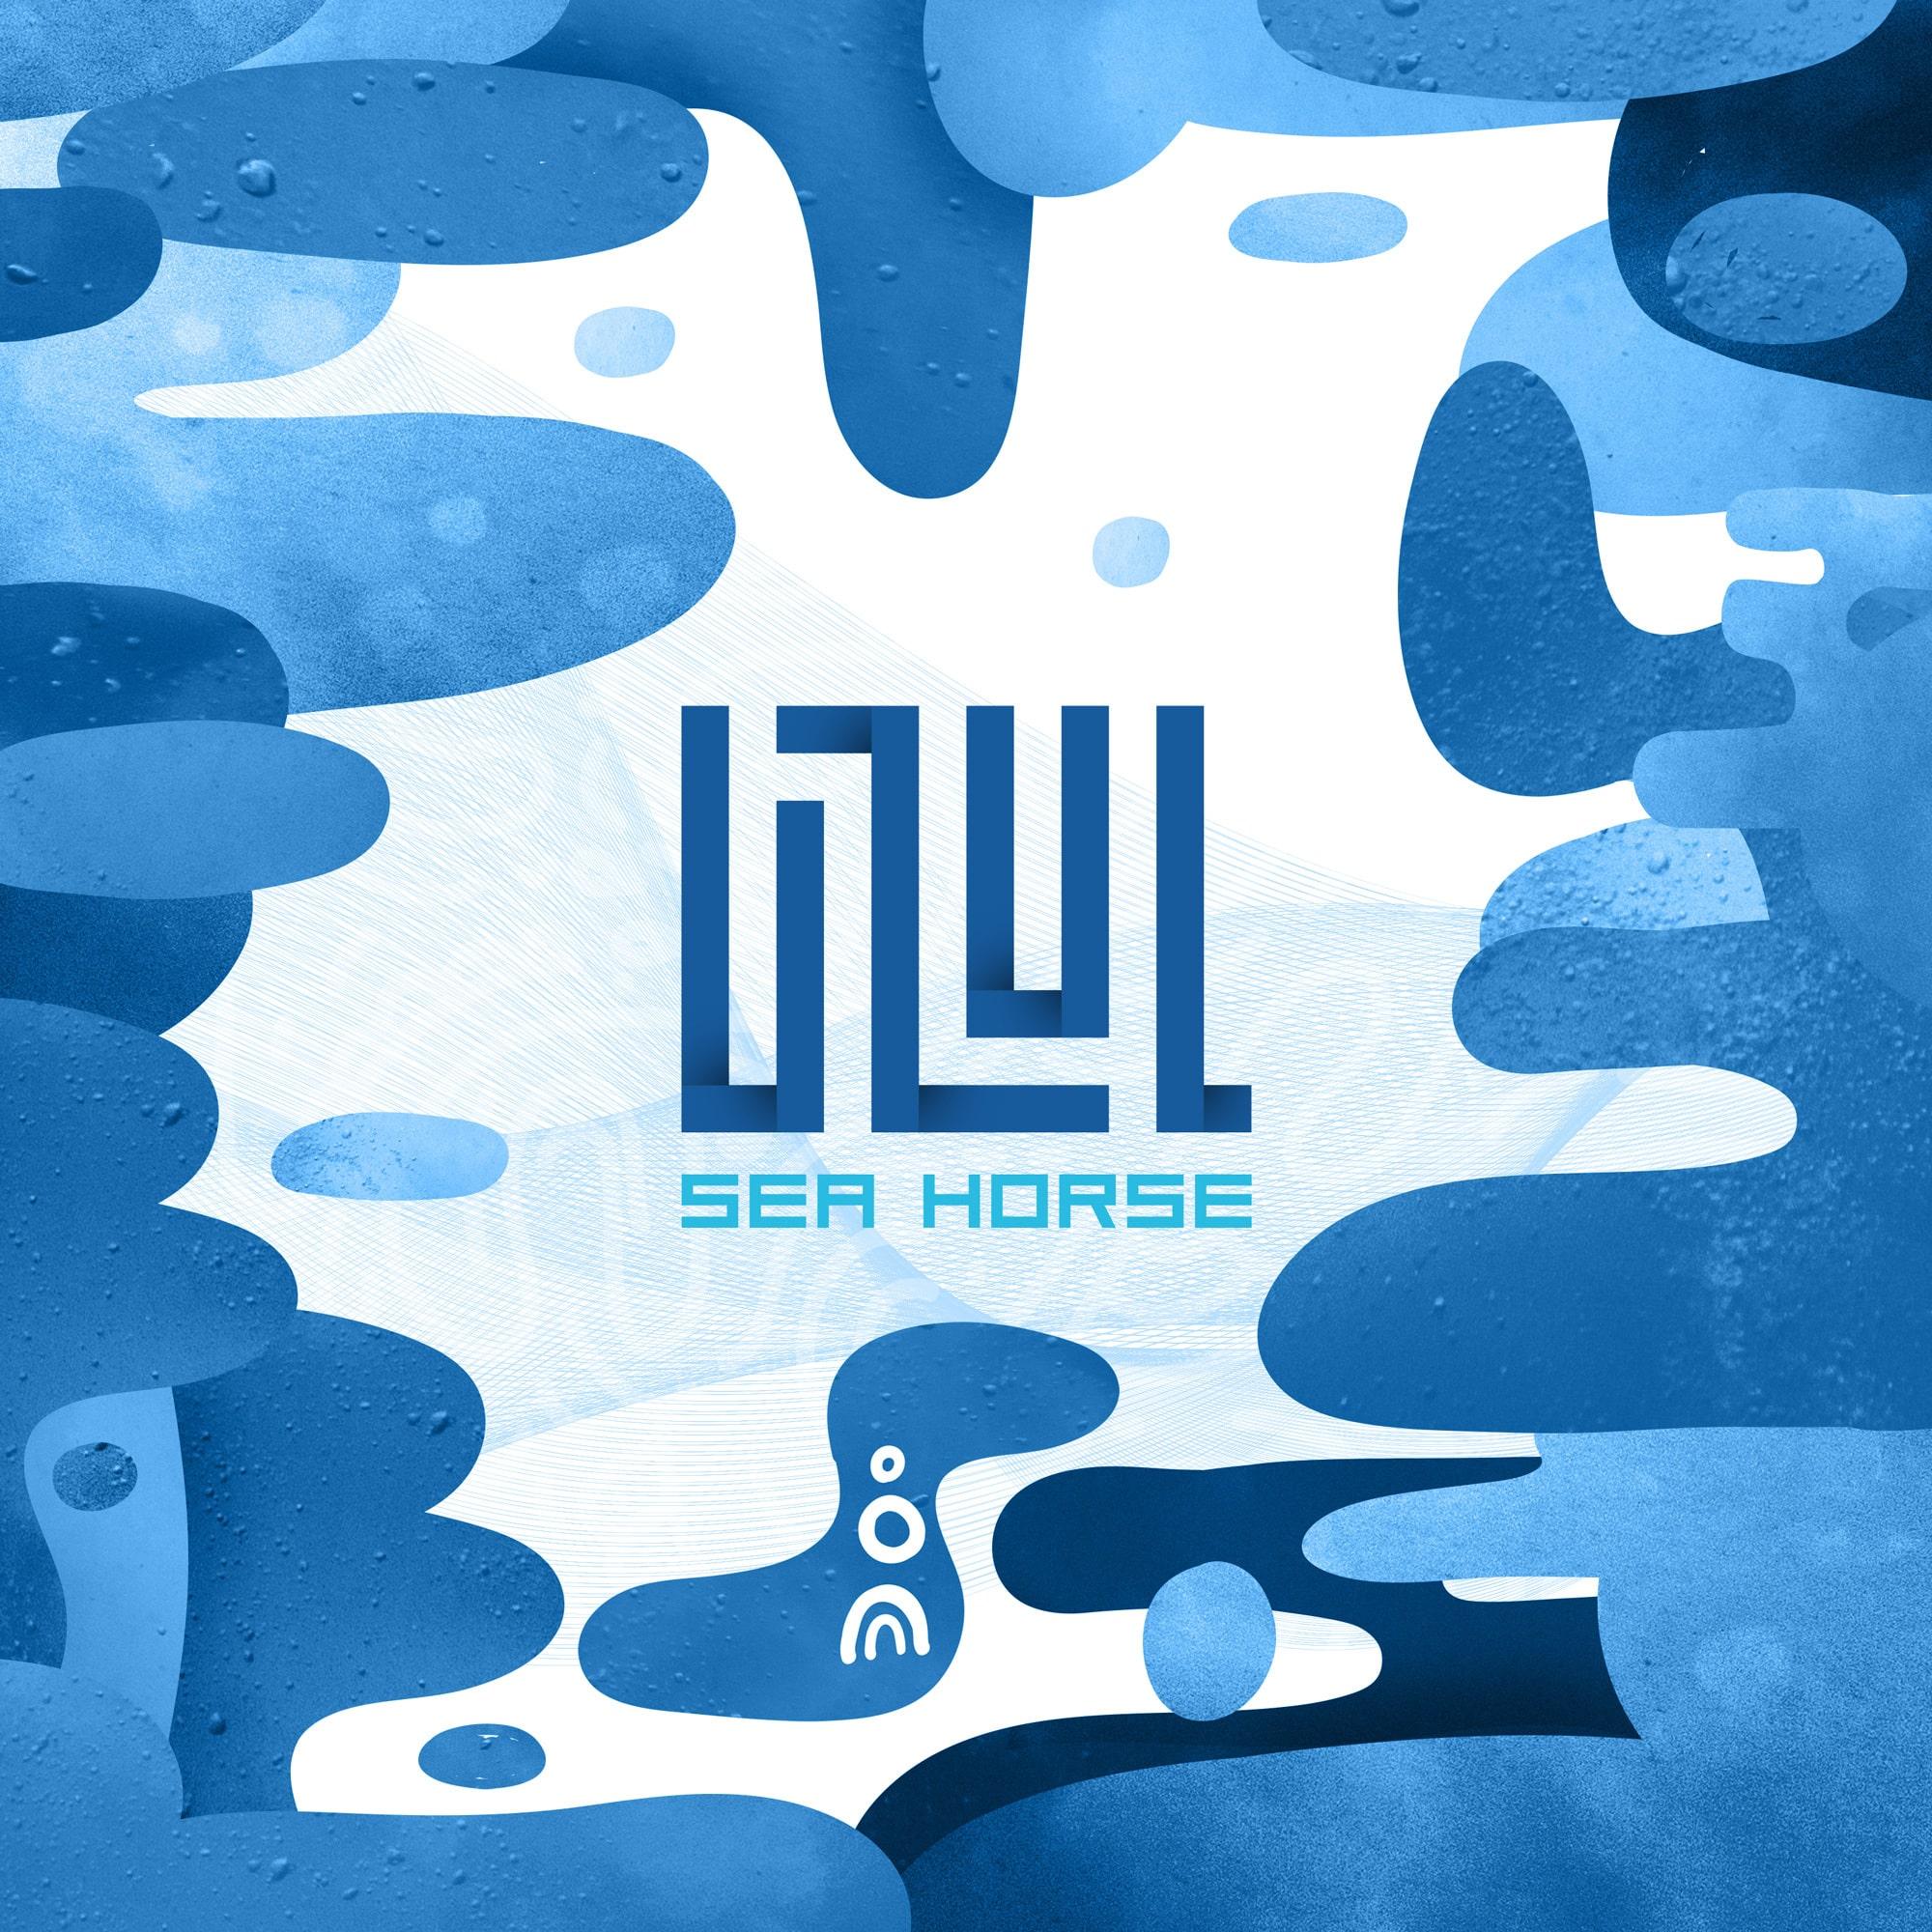 UZUL; Evolve; SeaHorse